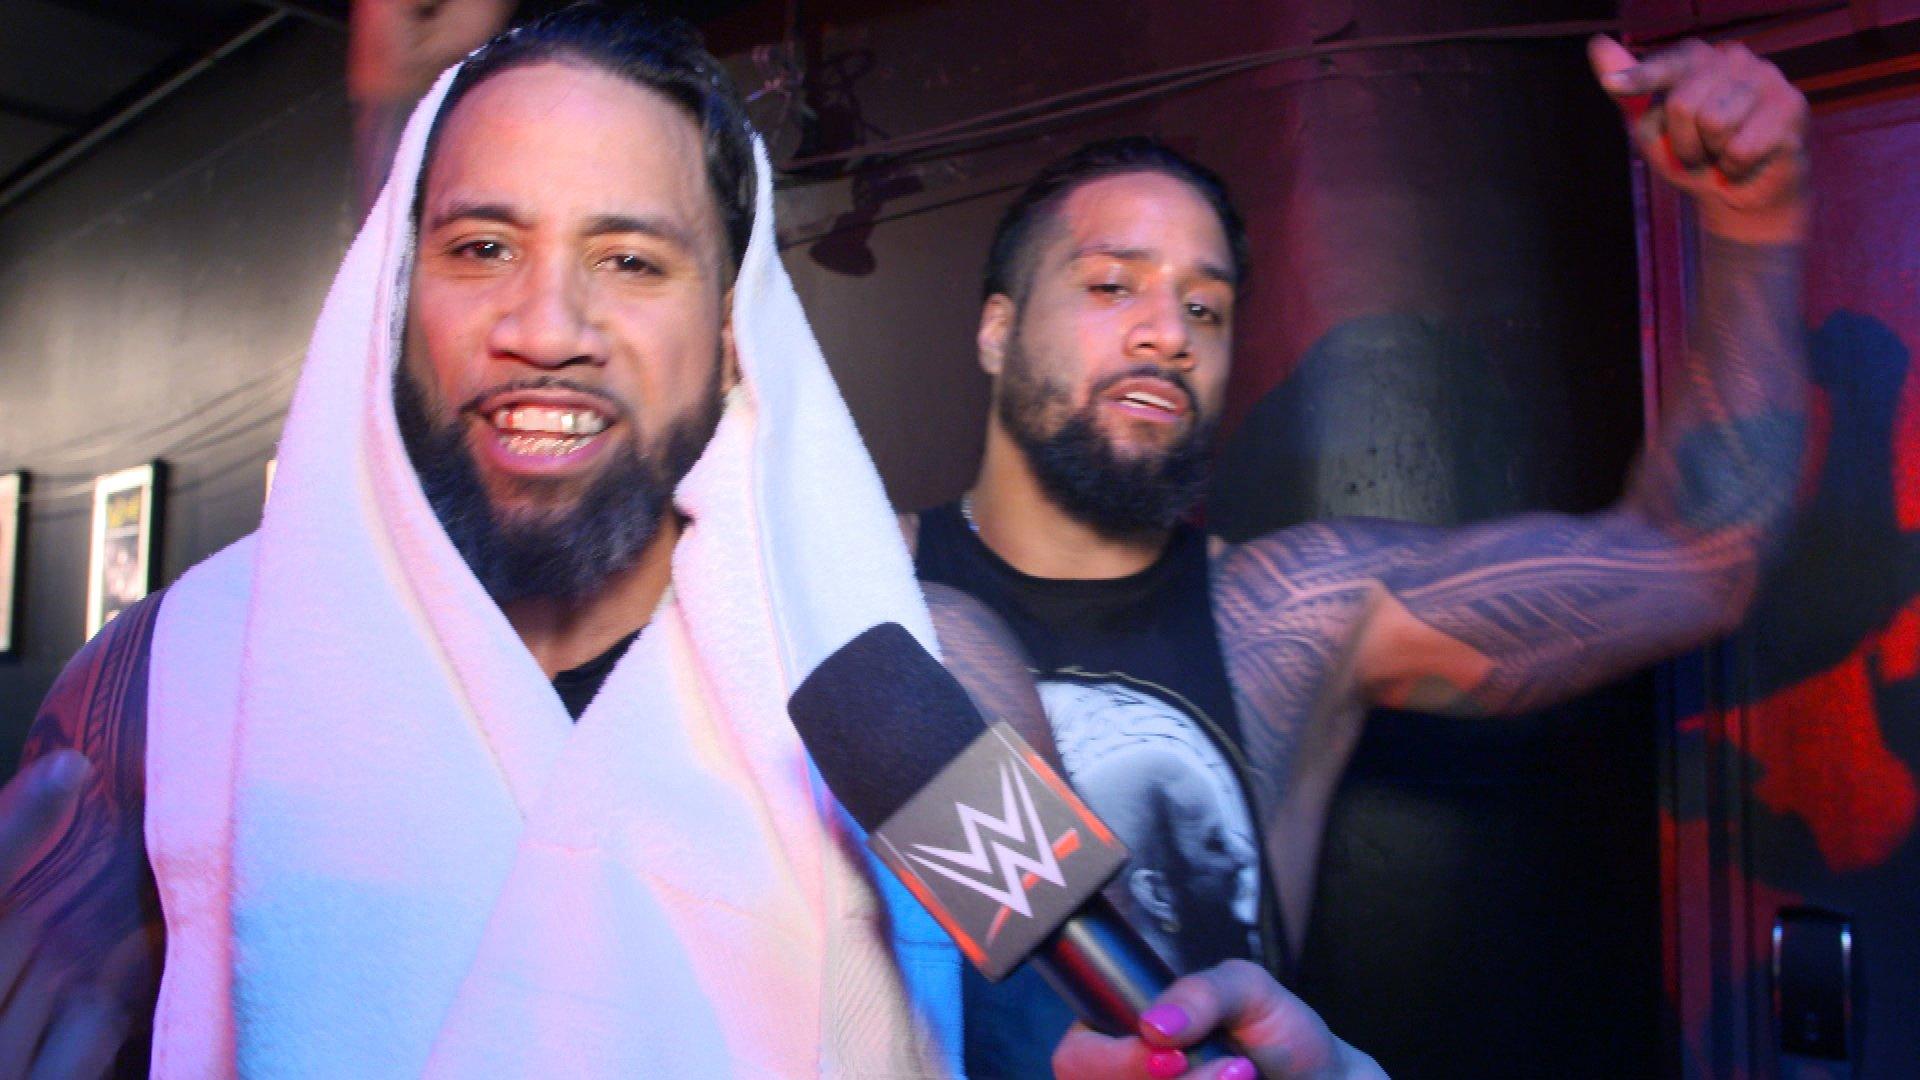 The Usos sont prêts à diriger la division par Équipes de Raw: Exclusivité WWE.fr, 15 Avril 2019